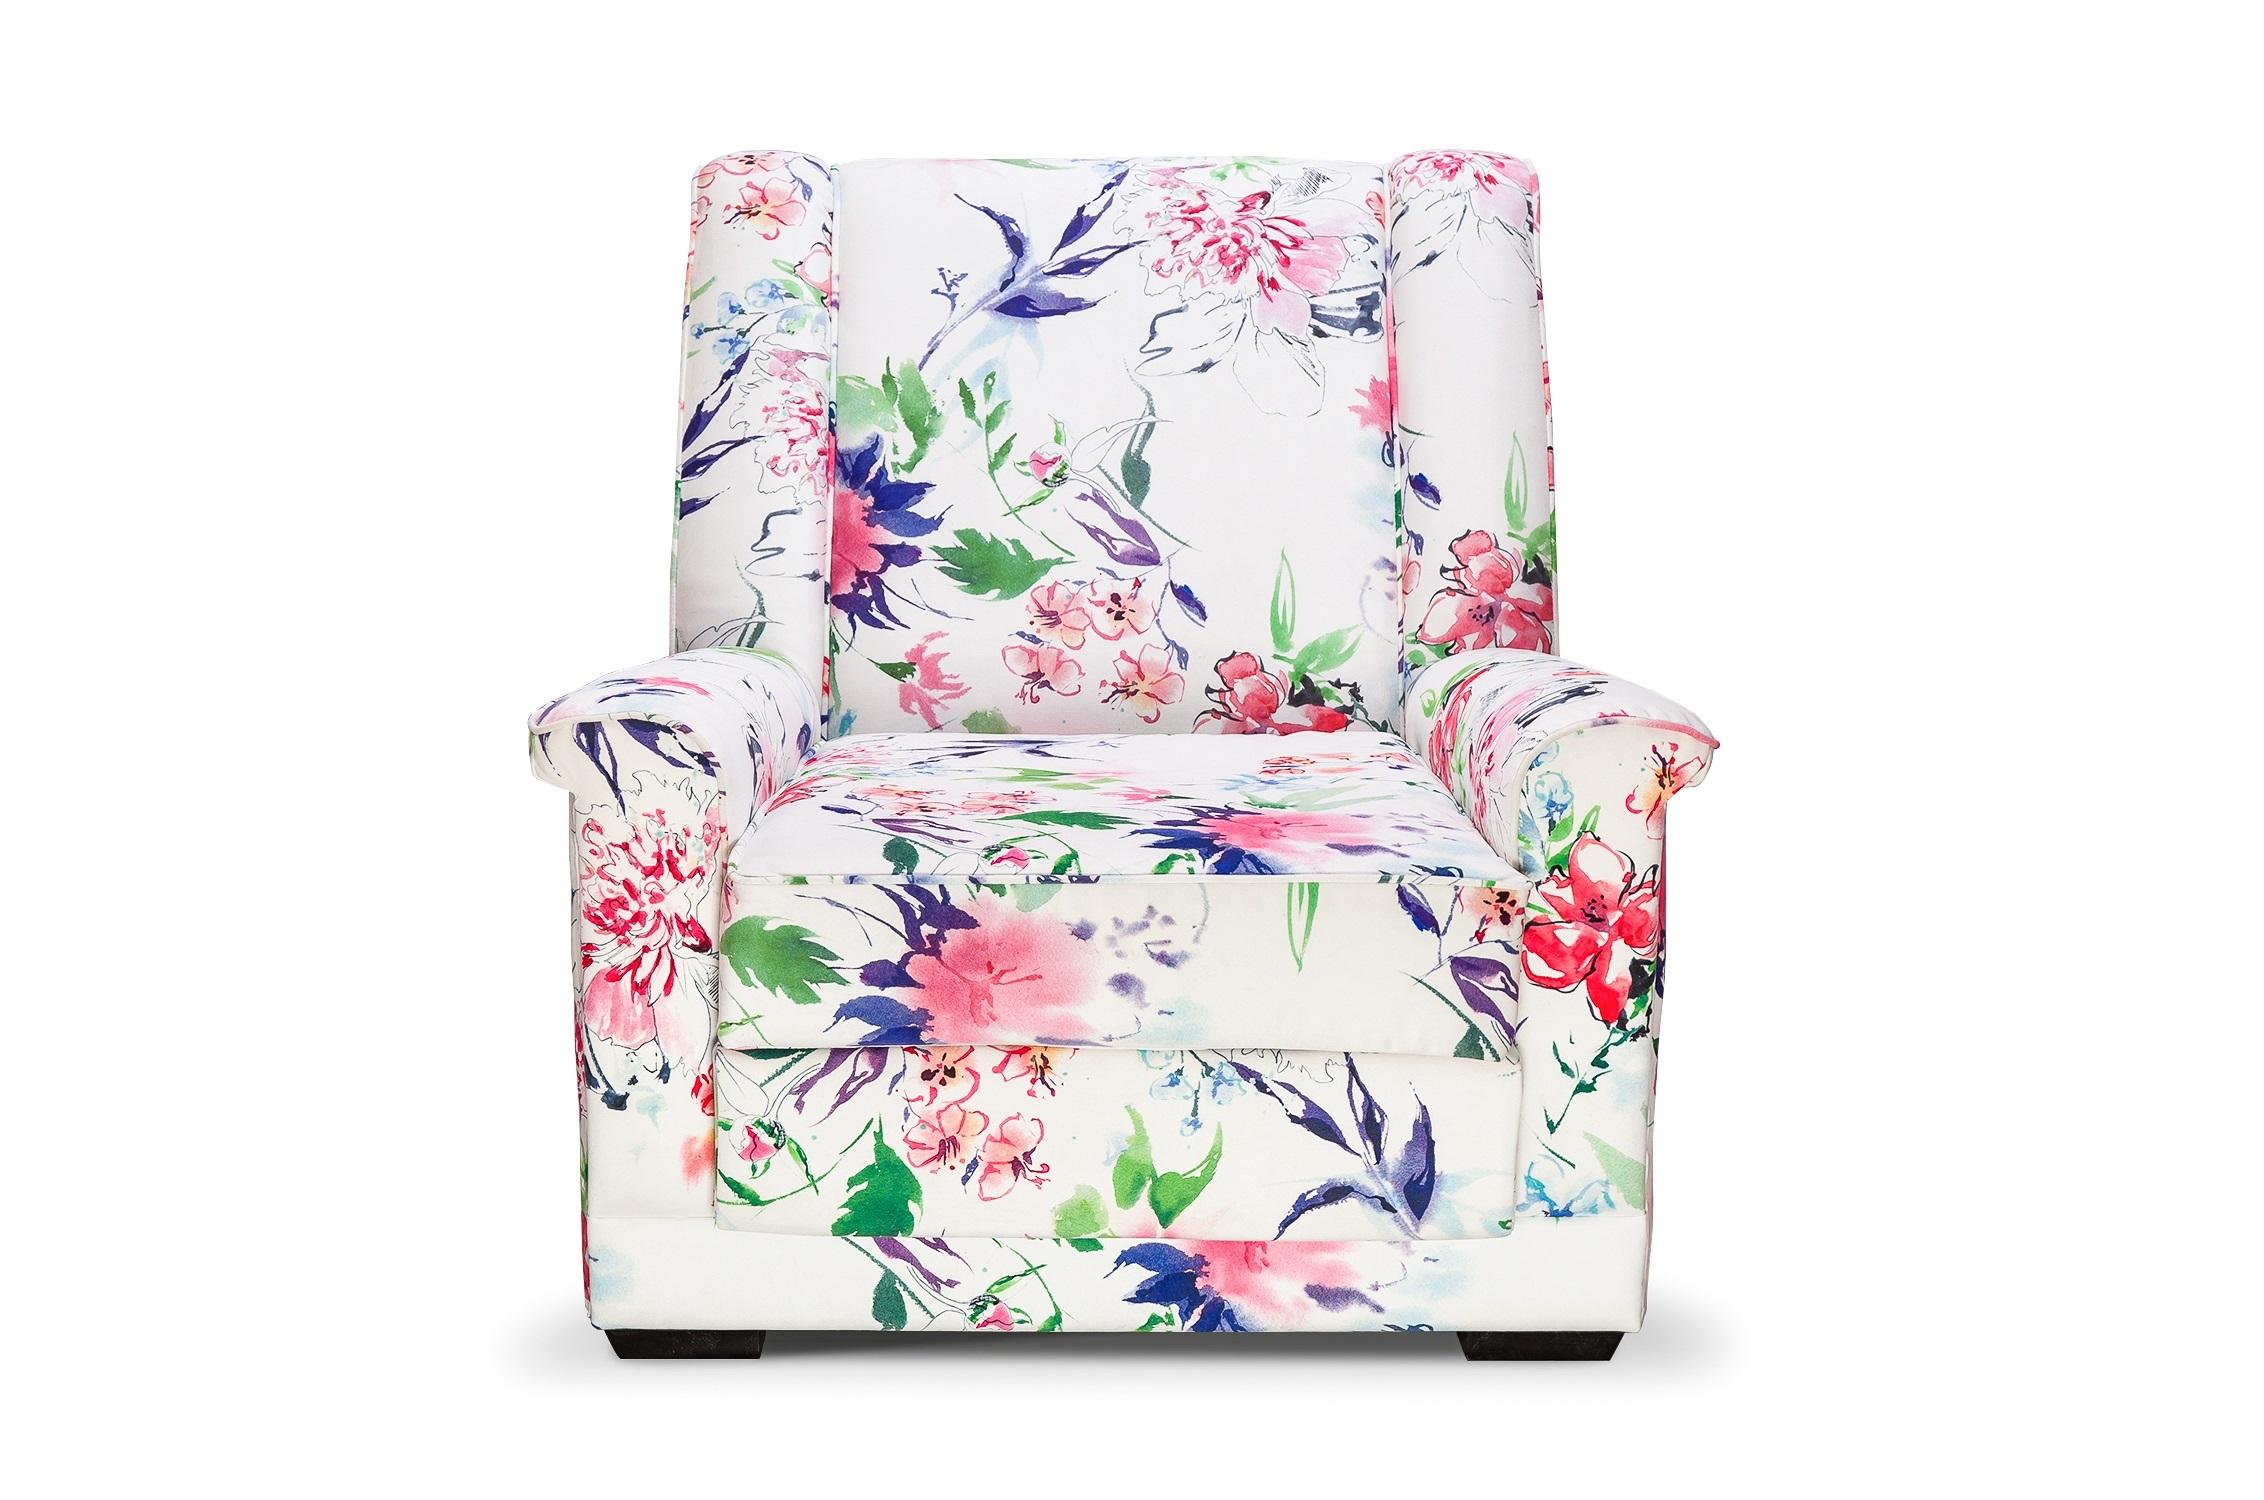 Кресло AquarelleИнтерьерные кресла<br>Уникальный дизайн. Кресло с принтом от  ICON DESIGNE. Прекрасно  впишется в интерьер! Произвдено из экологически чистых материалов. Каркас ,ножки  - дуб. Модель представлена в ткани микровелюр – мягкий, бархатистый материал, широко используемый в качестве обивки для мебели. Обладает целым рядом замечательных свойств: отлично пропускает воздух, отталкивает пыль и долго сохраняет изначальный цвет, не протираясь и не выцветая. Высокие эксплуатационные свойства в сочетании с превосходным дизайном обеспечили микровелюру большую популярность.&amp;amp;nbsp;&amp;lt;div&amp;gt;&amp;lt;span style=&amp;quot;font-size: 14px;&amp;quot;&amp;gt;&amp;lt;br&amp;gt;&amp;lt;/span&amp;gt;&amp;lt;/div&amp;gt;&amp;lt;div&amp;gt;&amp;lt;span style=&amp;quot;font-size: 14px;&amp;quot;&amp;gt;Варианты исполнения: <br>По желанию возможность выбрать ткань из других коллекций.&amp;amp;nbsp;&amp;lt;/span&amp;gt;&amp;lt;br&amp;gt;&amp;lt;/div&amp;gt;&amp;lt;div&amp;gt;Гарантия: от производителя 1 год&amp;amp;nbsp;&amp;lt;/div&amp;gt;&amp;lt;div&amp;gt;Гарантия от производителя&amp;amp;nbsp;&amp;lt;/div&amp;gt;&amp;lt;div&amp;gt;Материалы: дуб, текстиль.&amp;amp;nbsp;&amp;lt;/div&amp;gt;&amp;lt;div&amp;gt;Продукция изготавливается под заказ, стандартный срок производства 3-4 недели.&amp;amp;nbsp;&amp;lt;/div&amp;gt;&amp;lt;div&amp;gt;Более точную информацию уточняйте у менеджера.&amp;lt;/div&amp;gt;&amp;lt;div&amp;gt;&amp;lt;br&amp;gt;&amp;lt;/div&amp;gt;<br><br>Material: Текстиль<br>Length см: None<br>Depth см: 70<br>Height см: 90